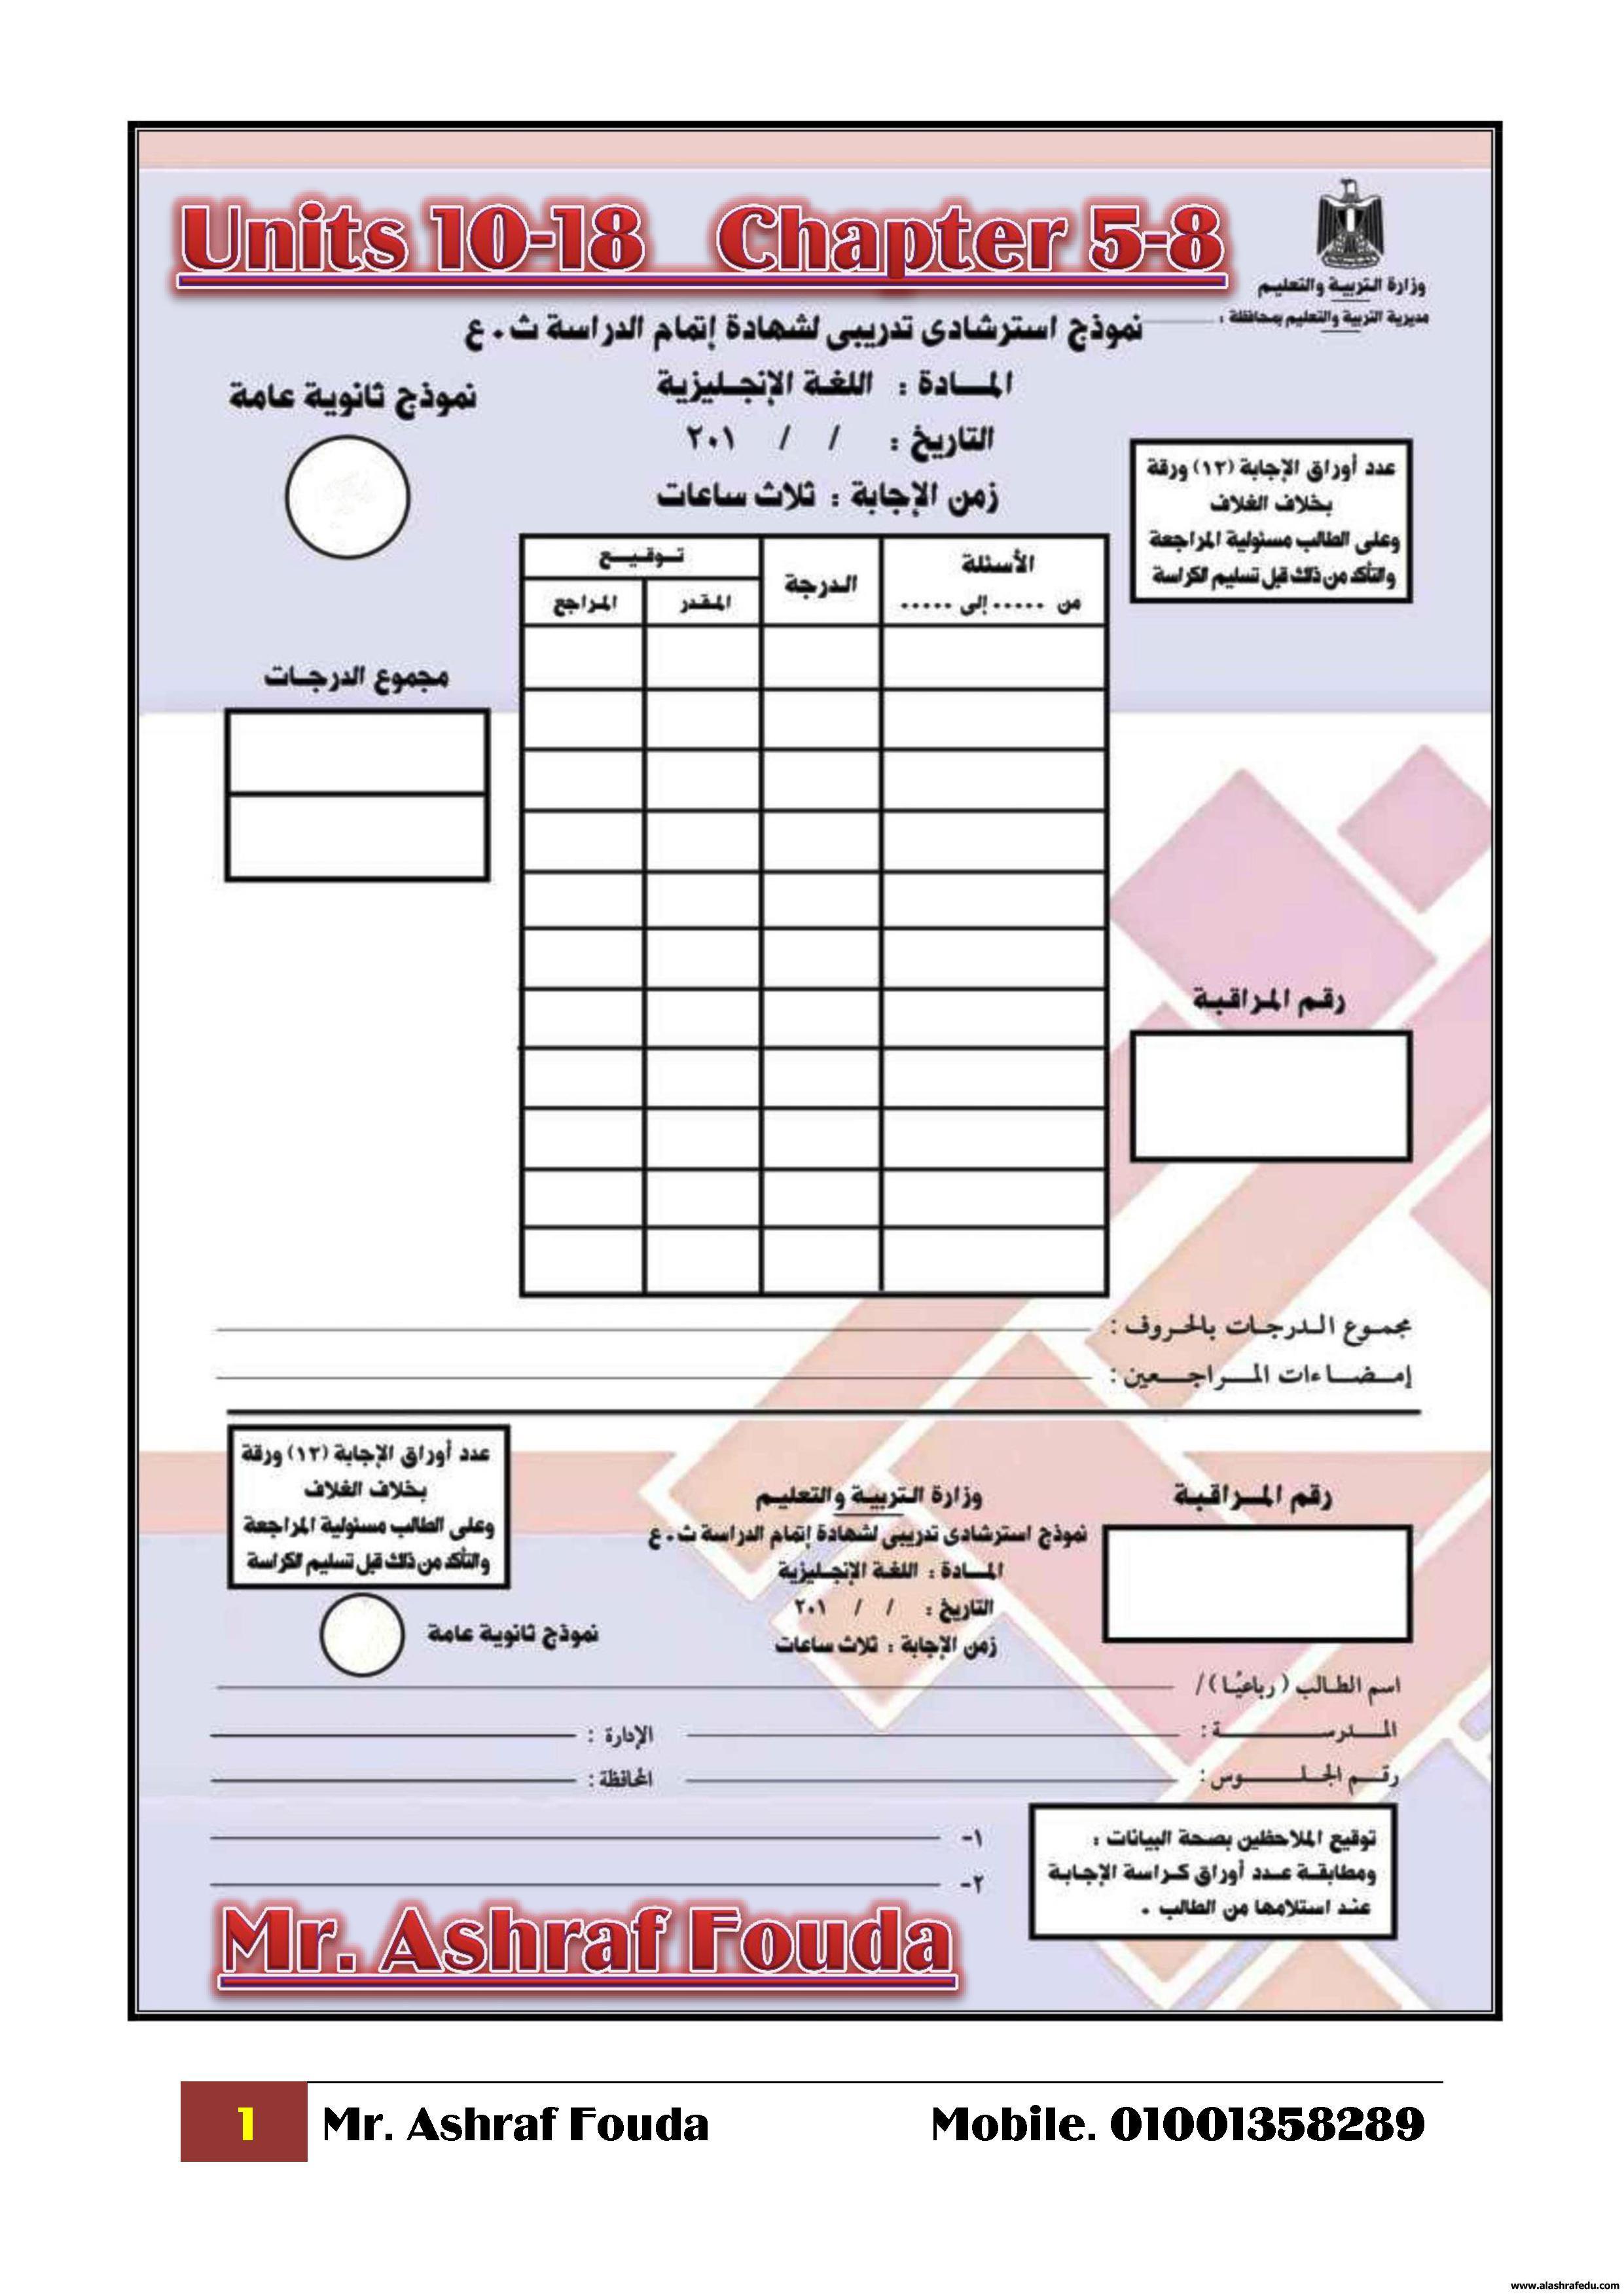 إمتحان إنجليزى بأحدث مواصفات نظام www.alashrafedu.com1